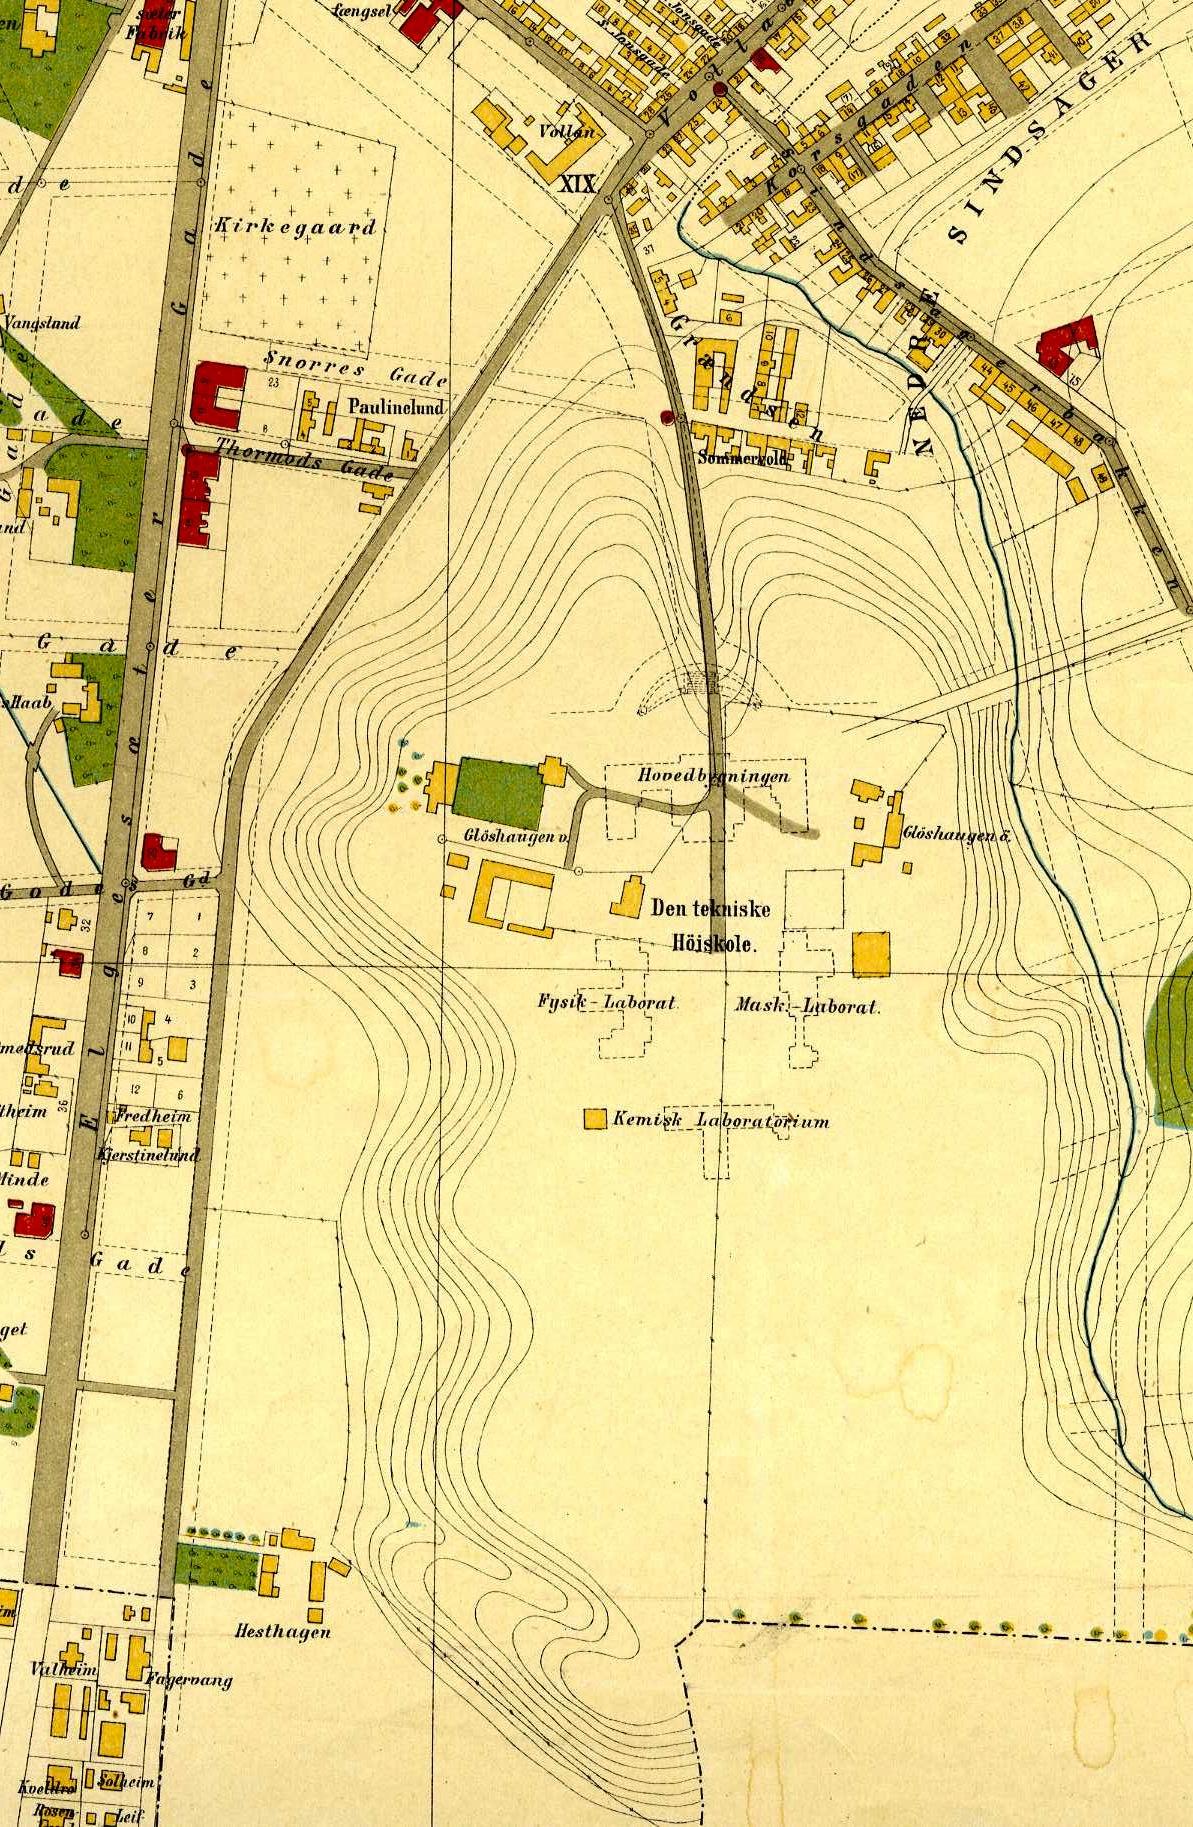 kart over gløshaugen File:Kart over Gløshaugen 1904.   Wikimedia Commons kart over gløshaugen